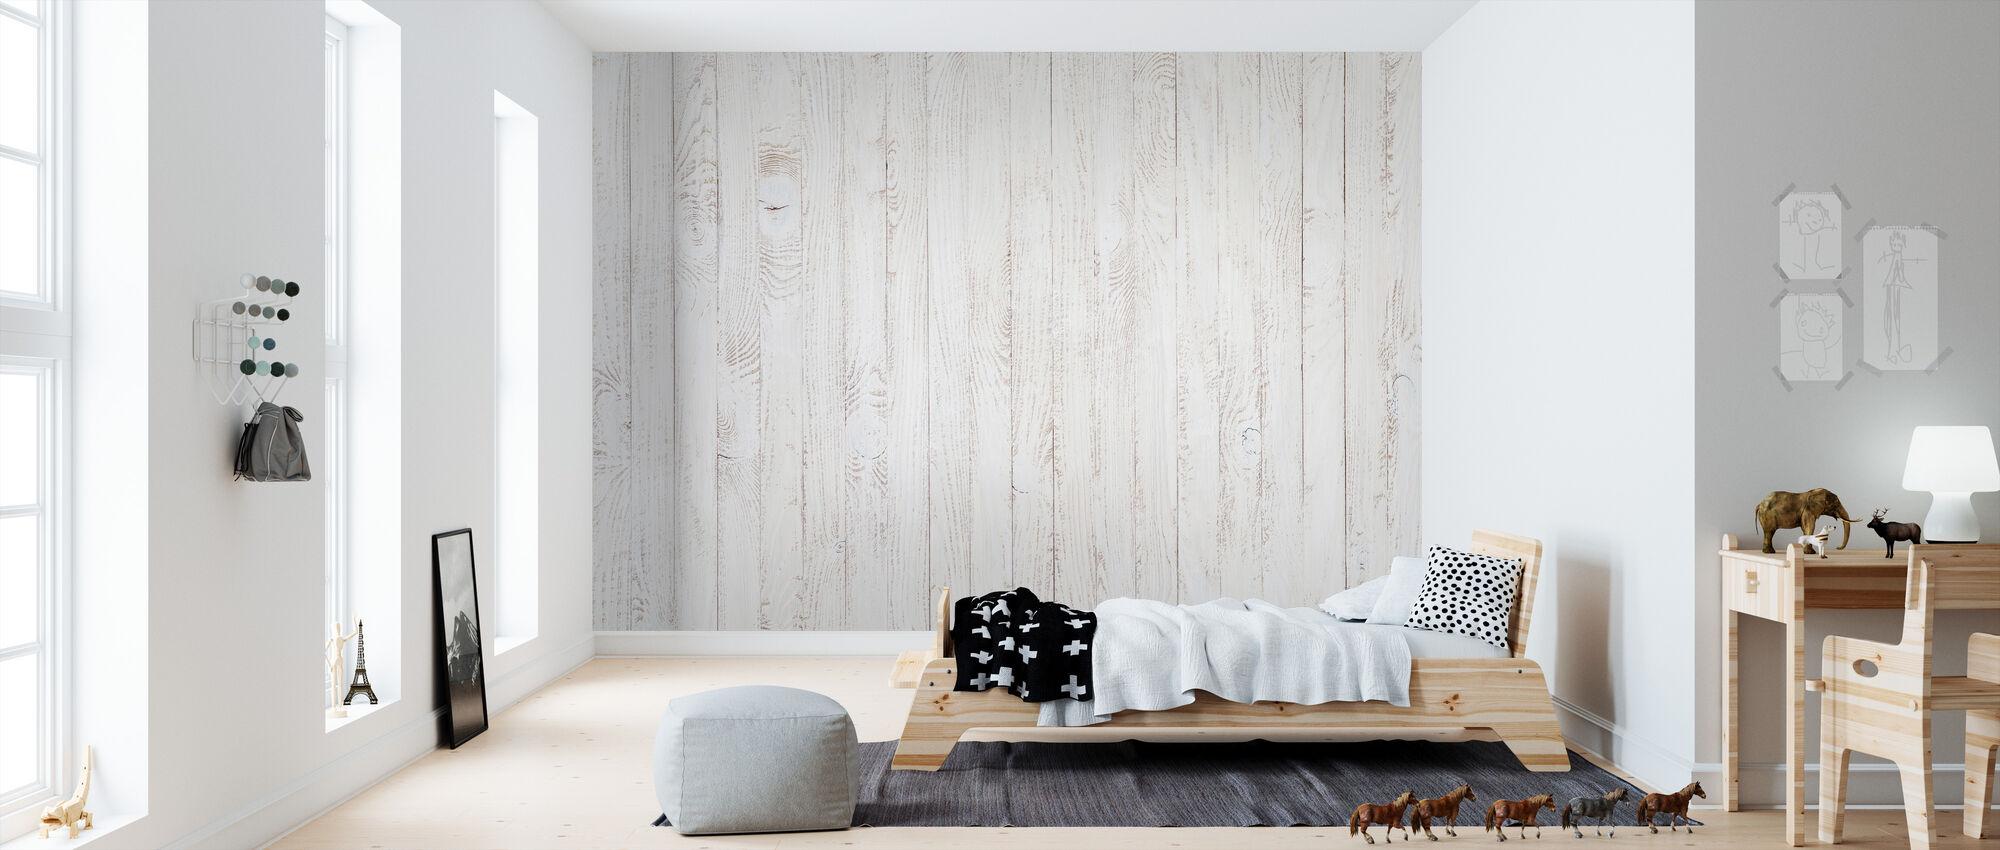 Panel de madera manchada blanca - Papel pintado - Cuarto de niños